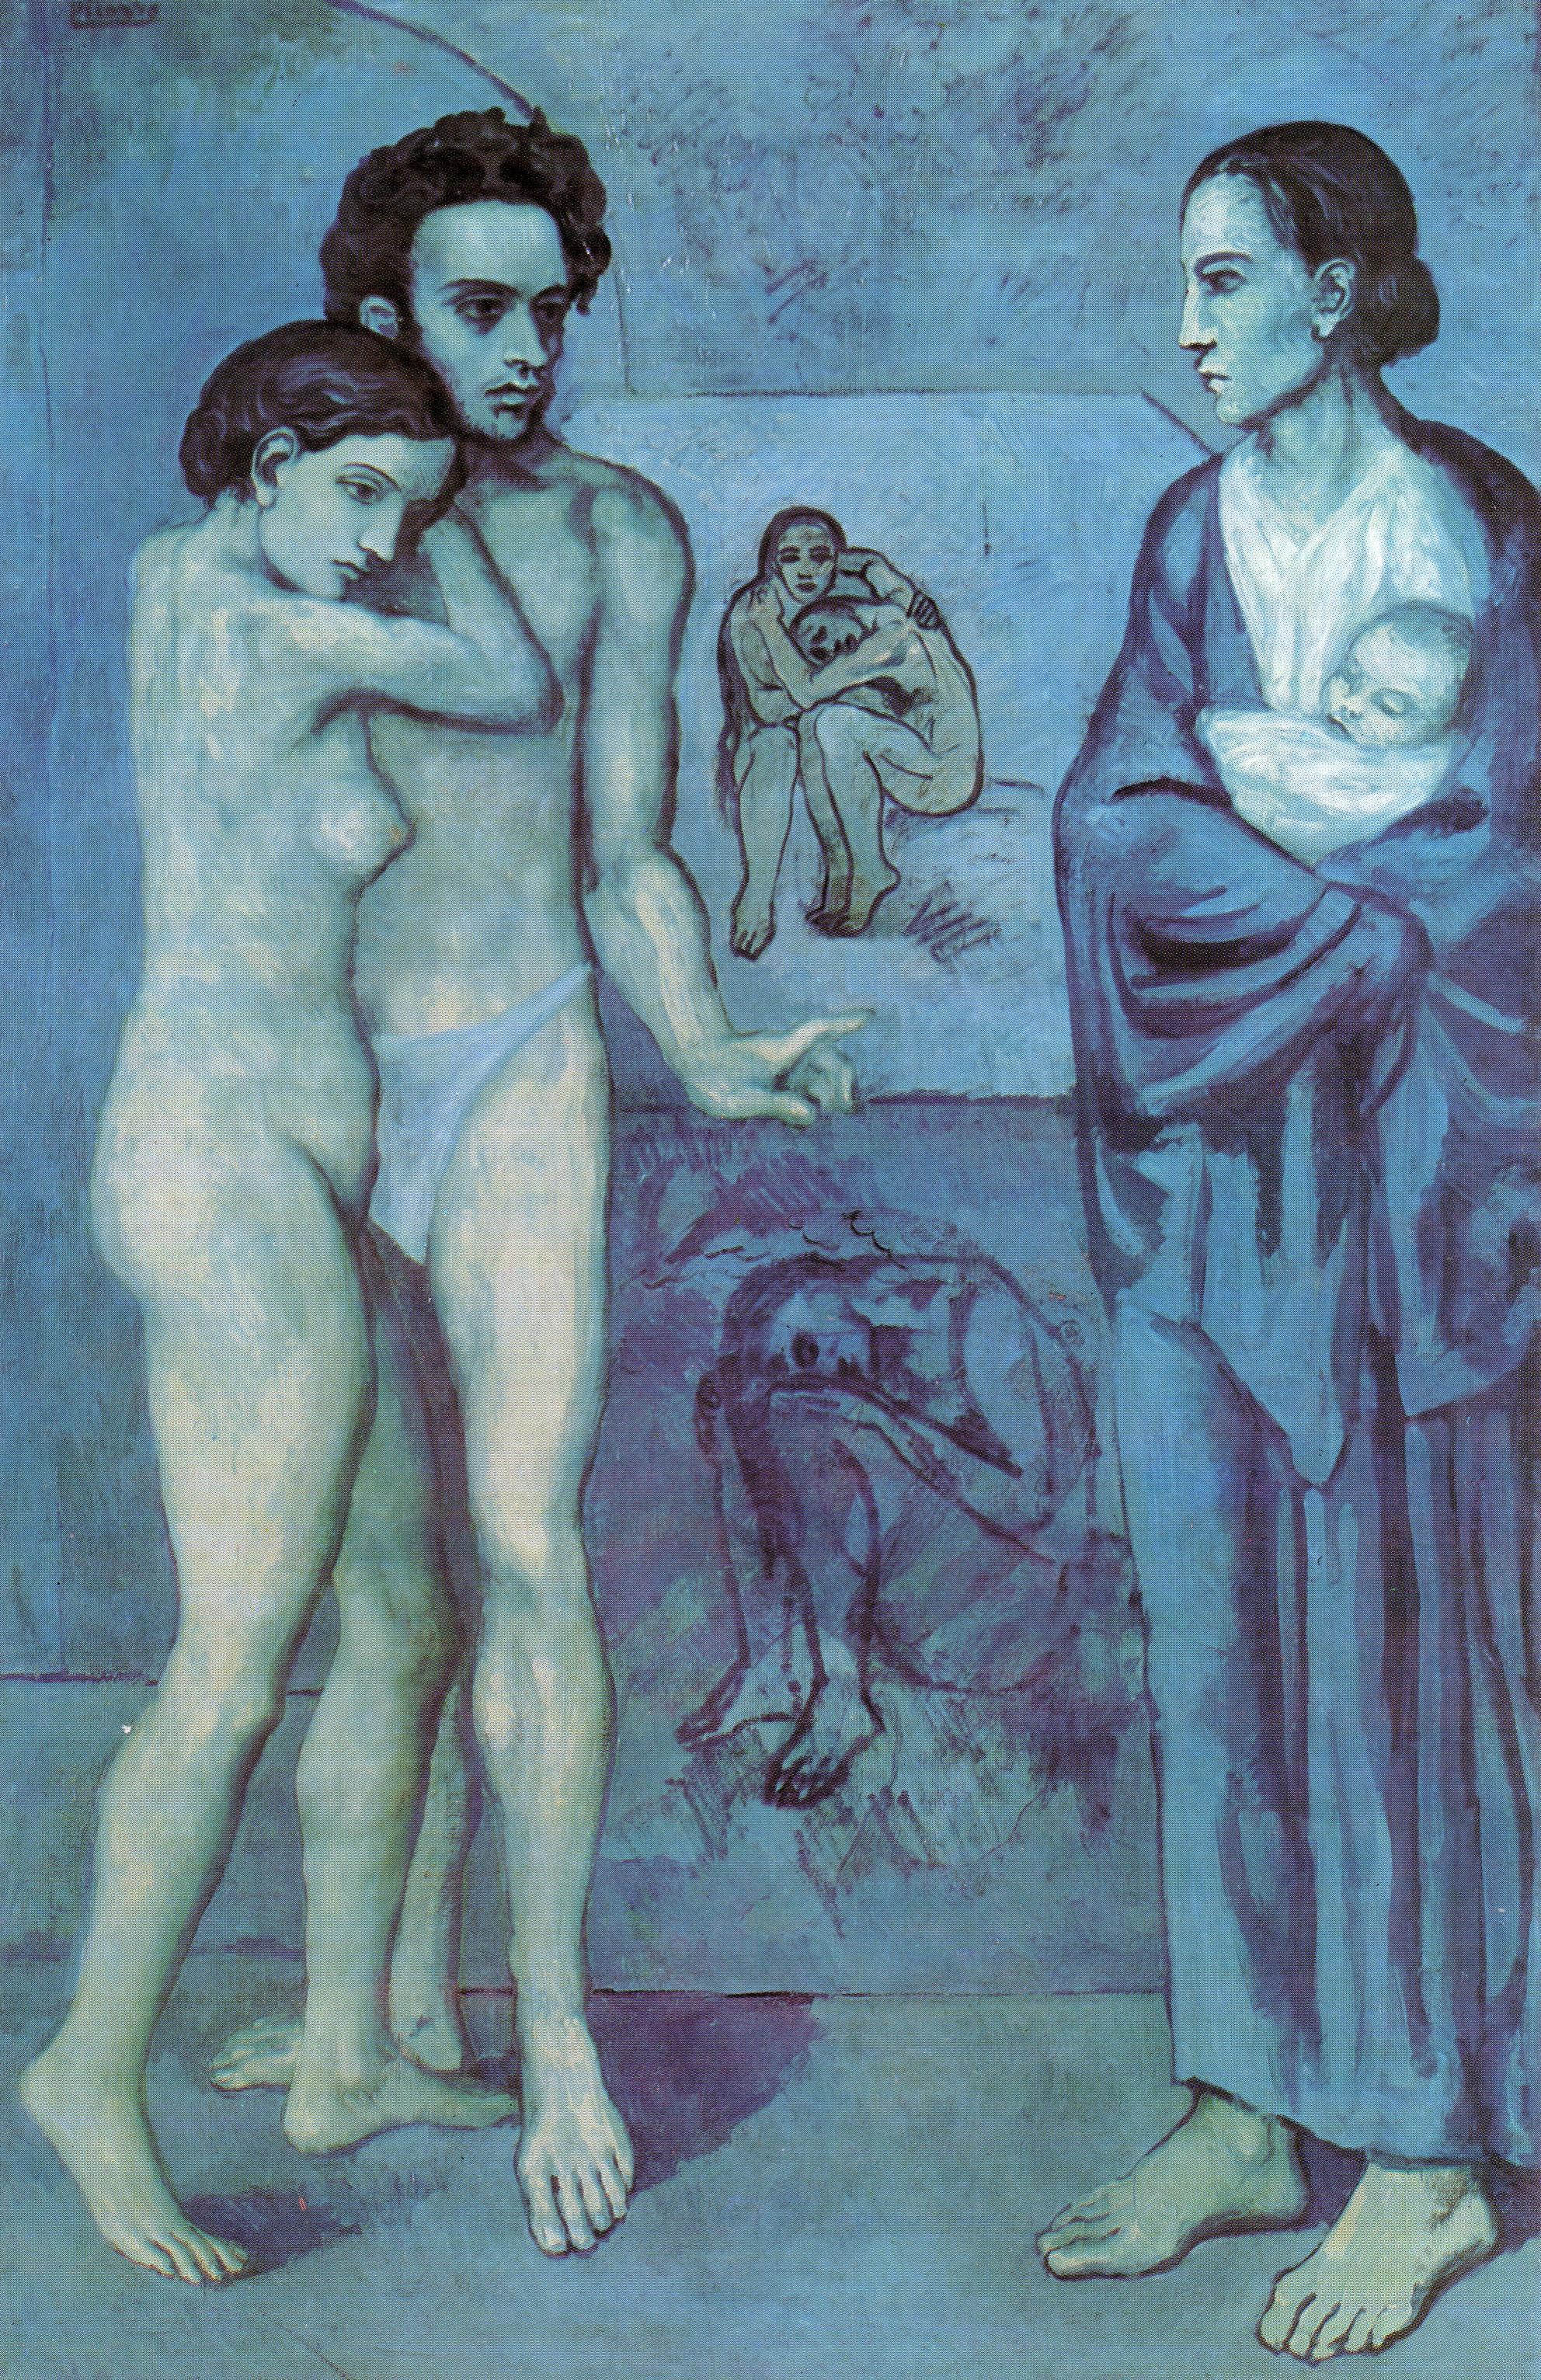 La Vie 1903